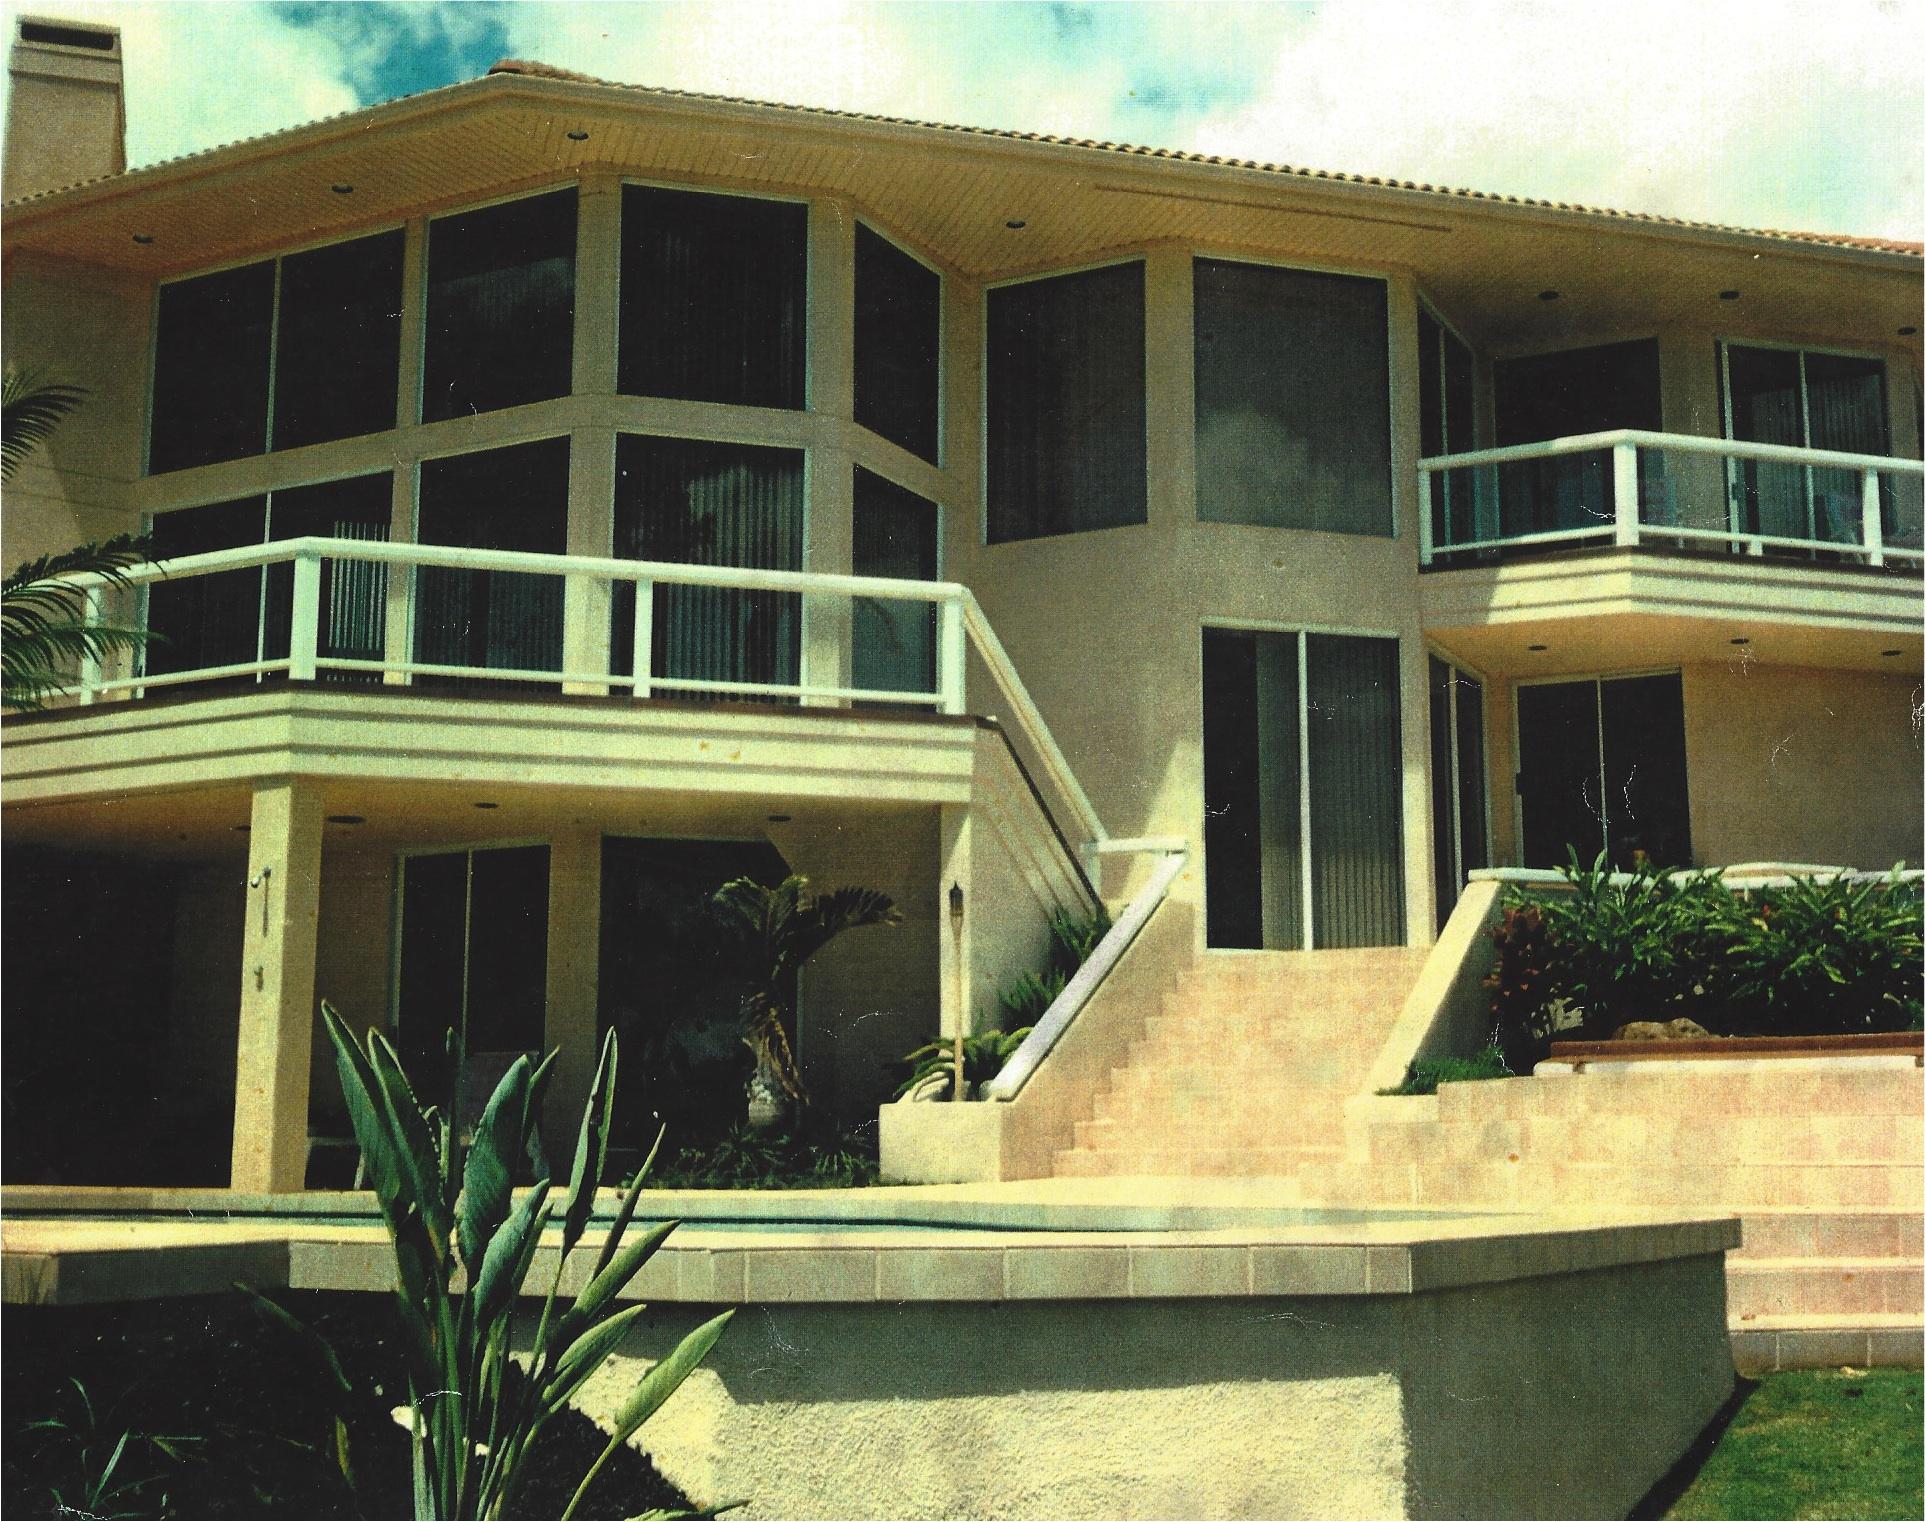 Home built on Maui2.jpg